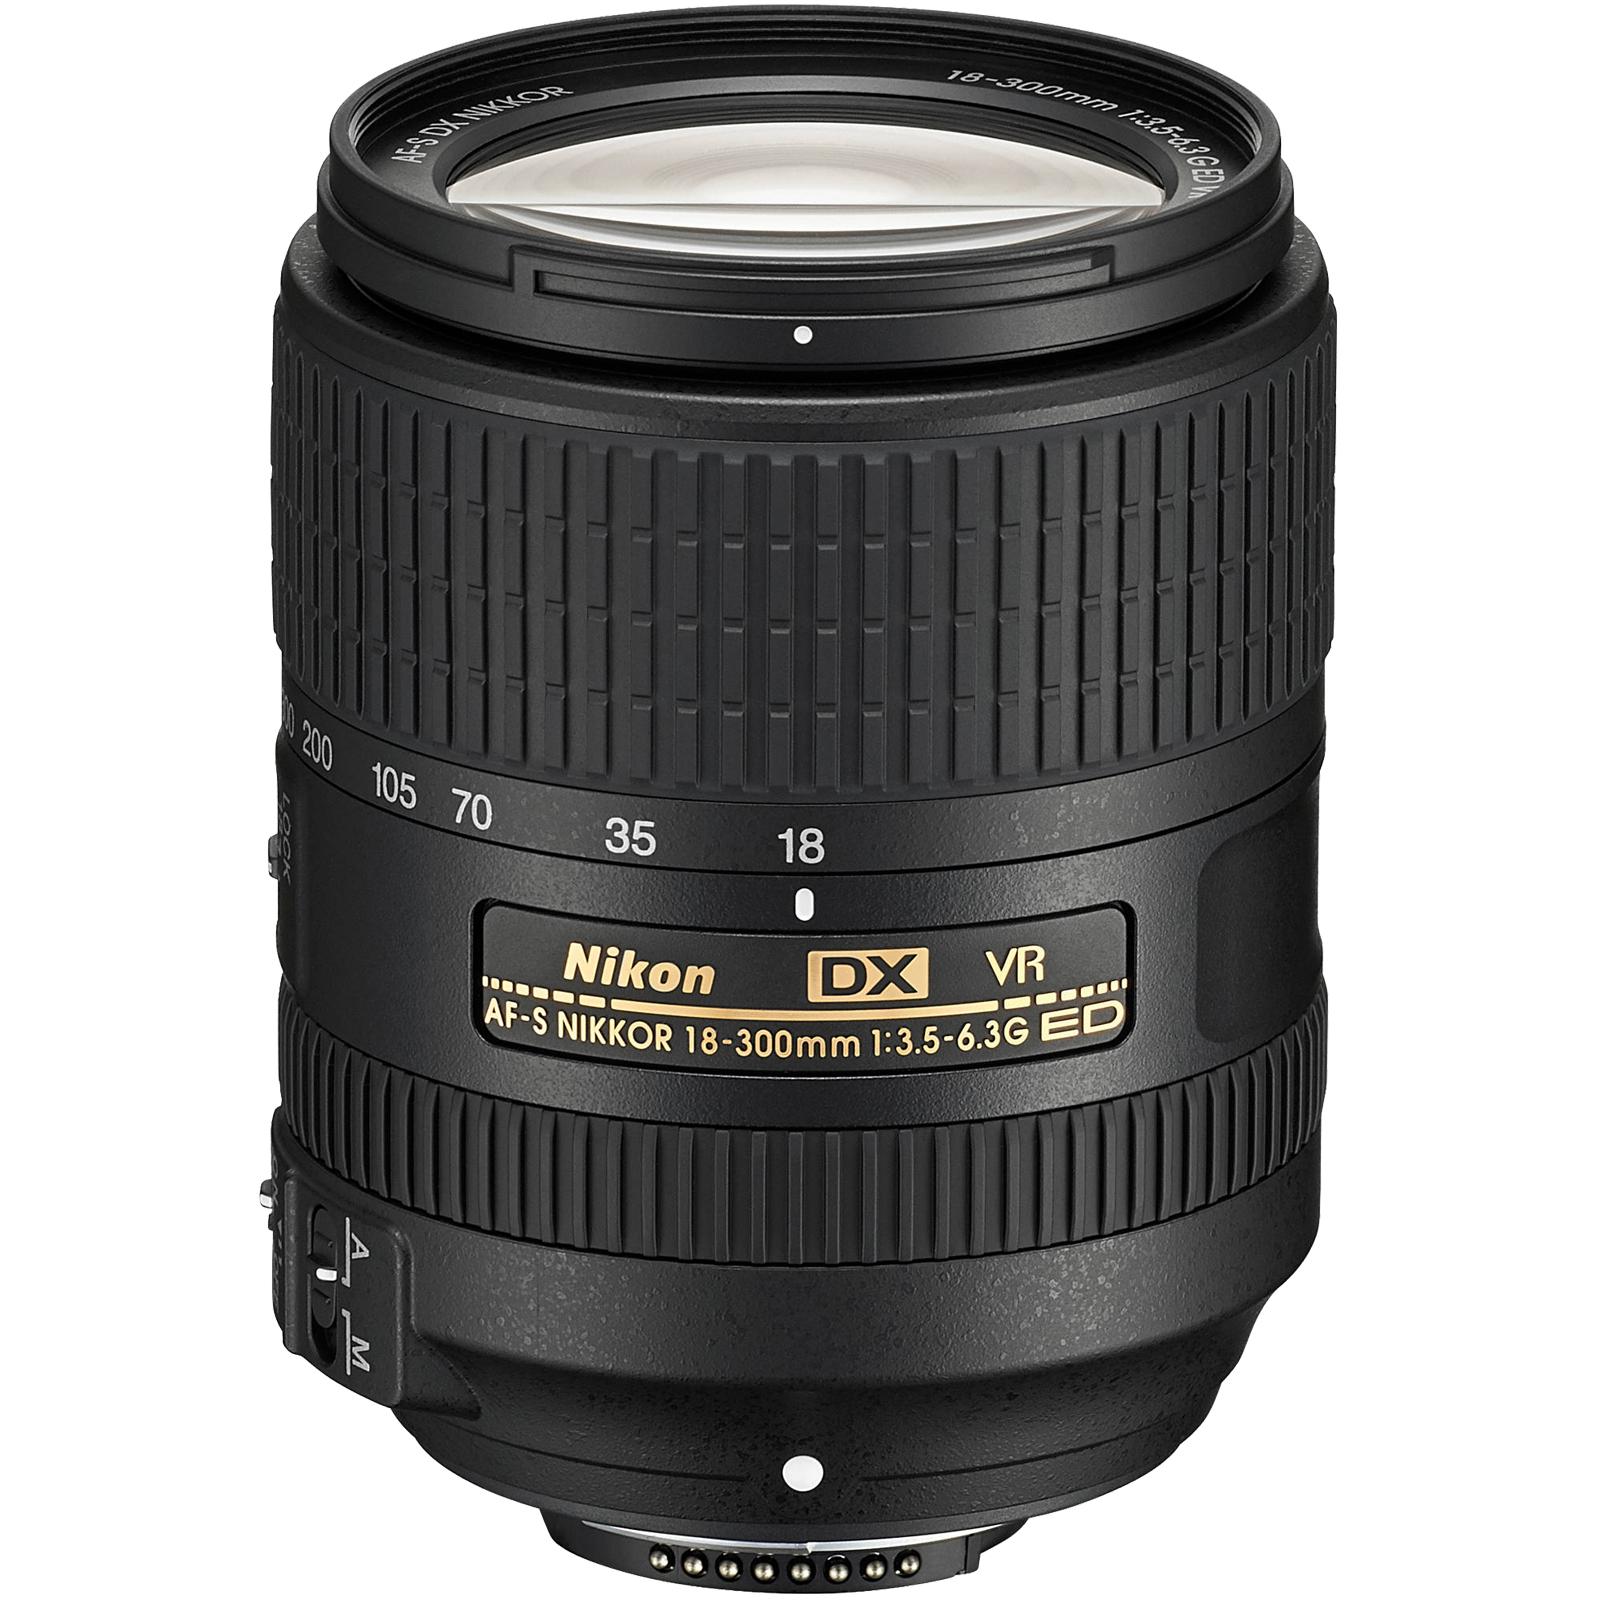 Nikon 18-300mm f/3.5-6.3G VR DX ED AF-S Nikkor-Zoom Lens